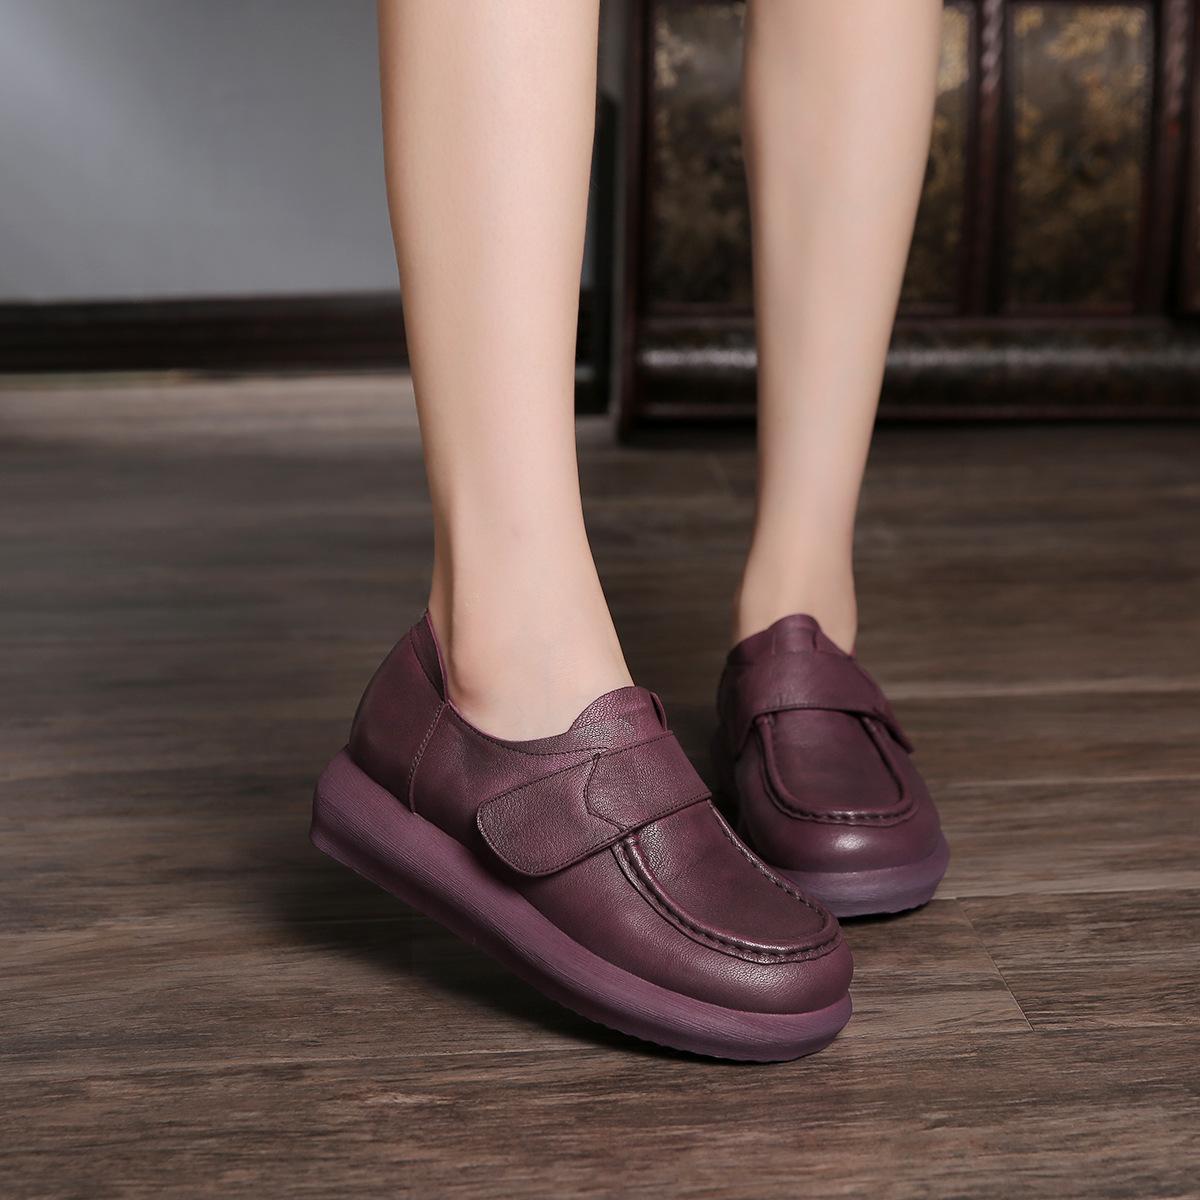 紫色厚底鞋 2017秋季新款手工真皮紫色厚底女鞋魔术贴舒适套脚圆头休闲女单鞋_推荐淘宝好看的紫色厚底鞋